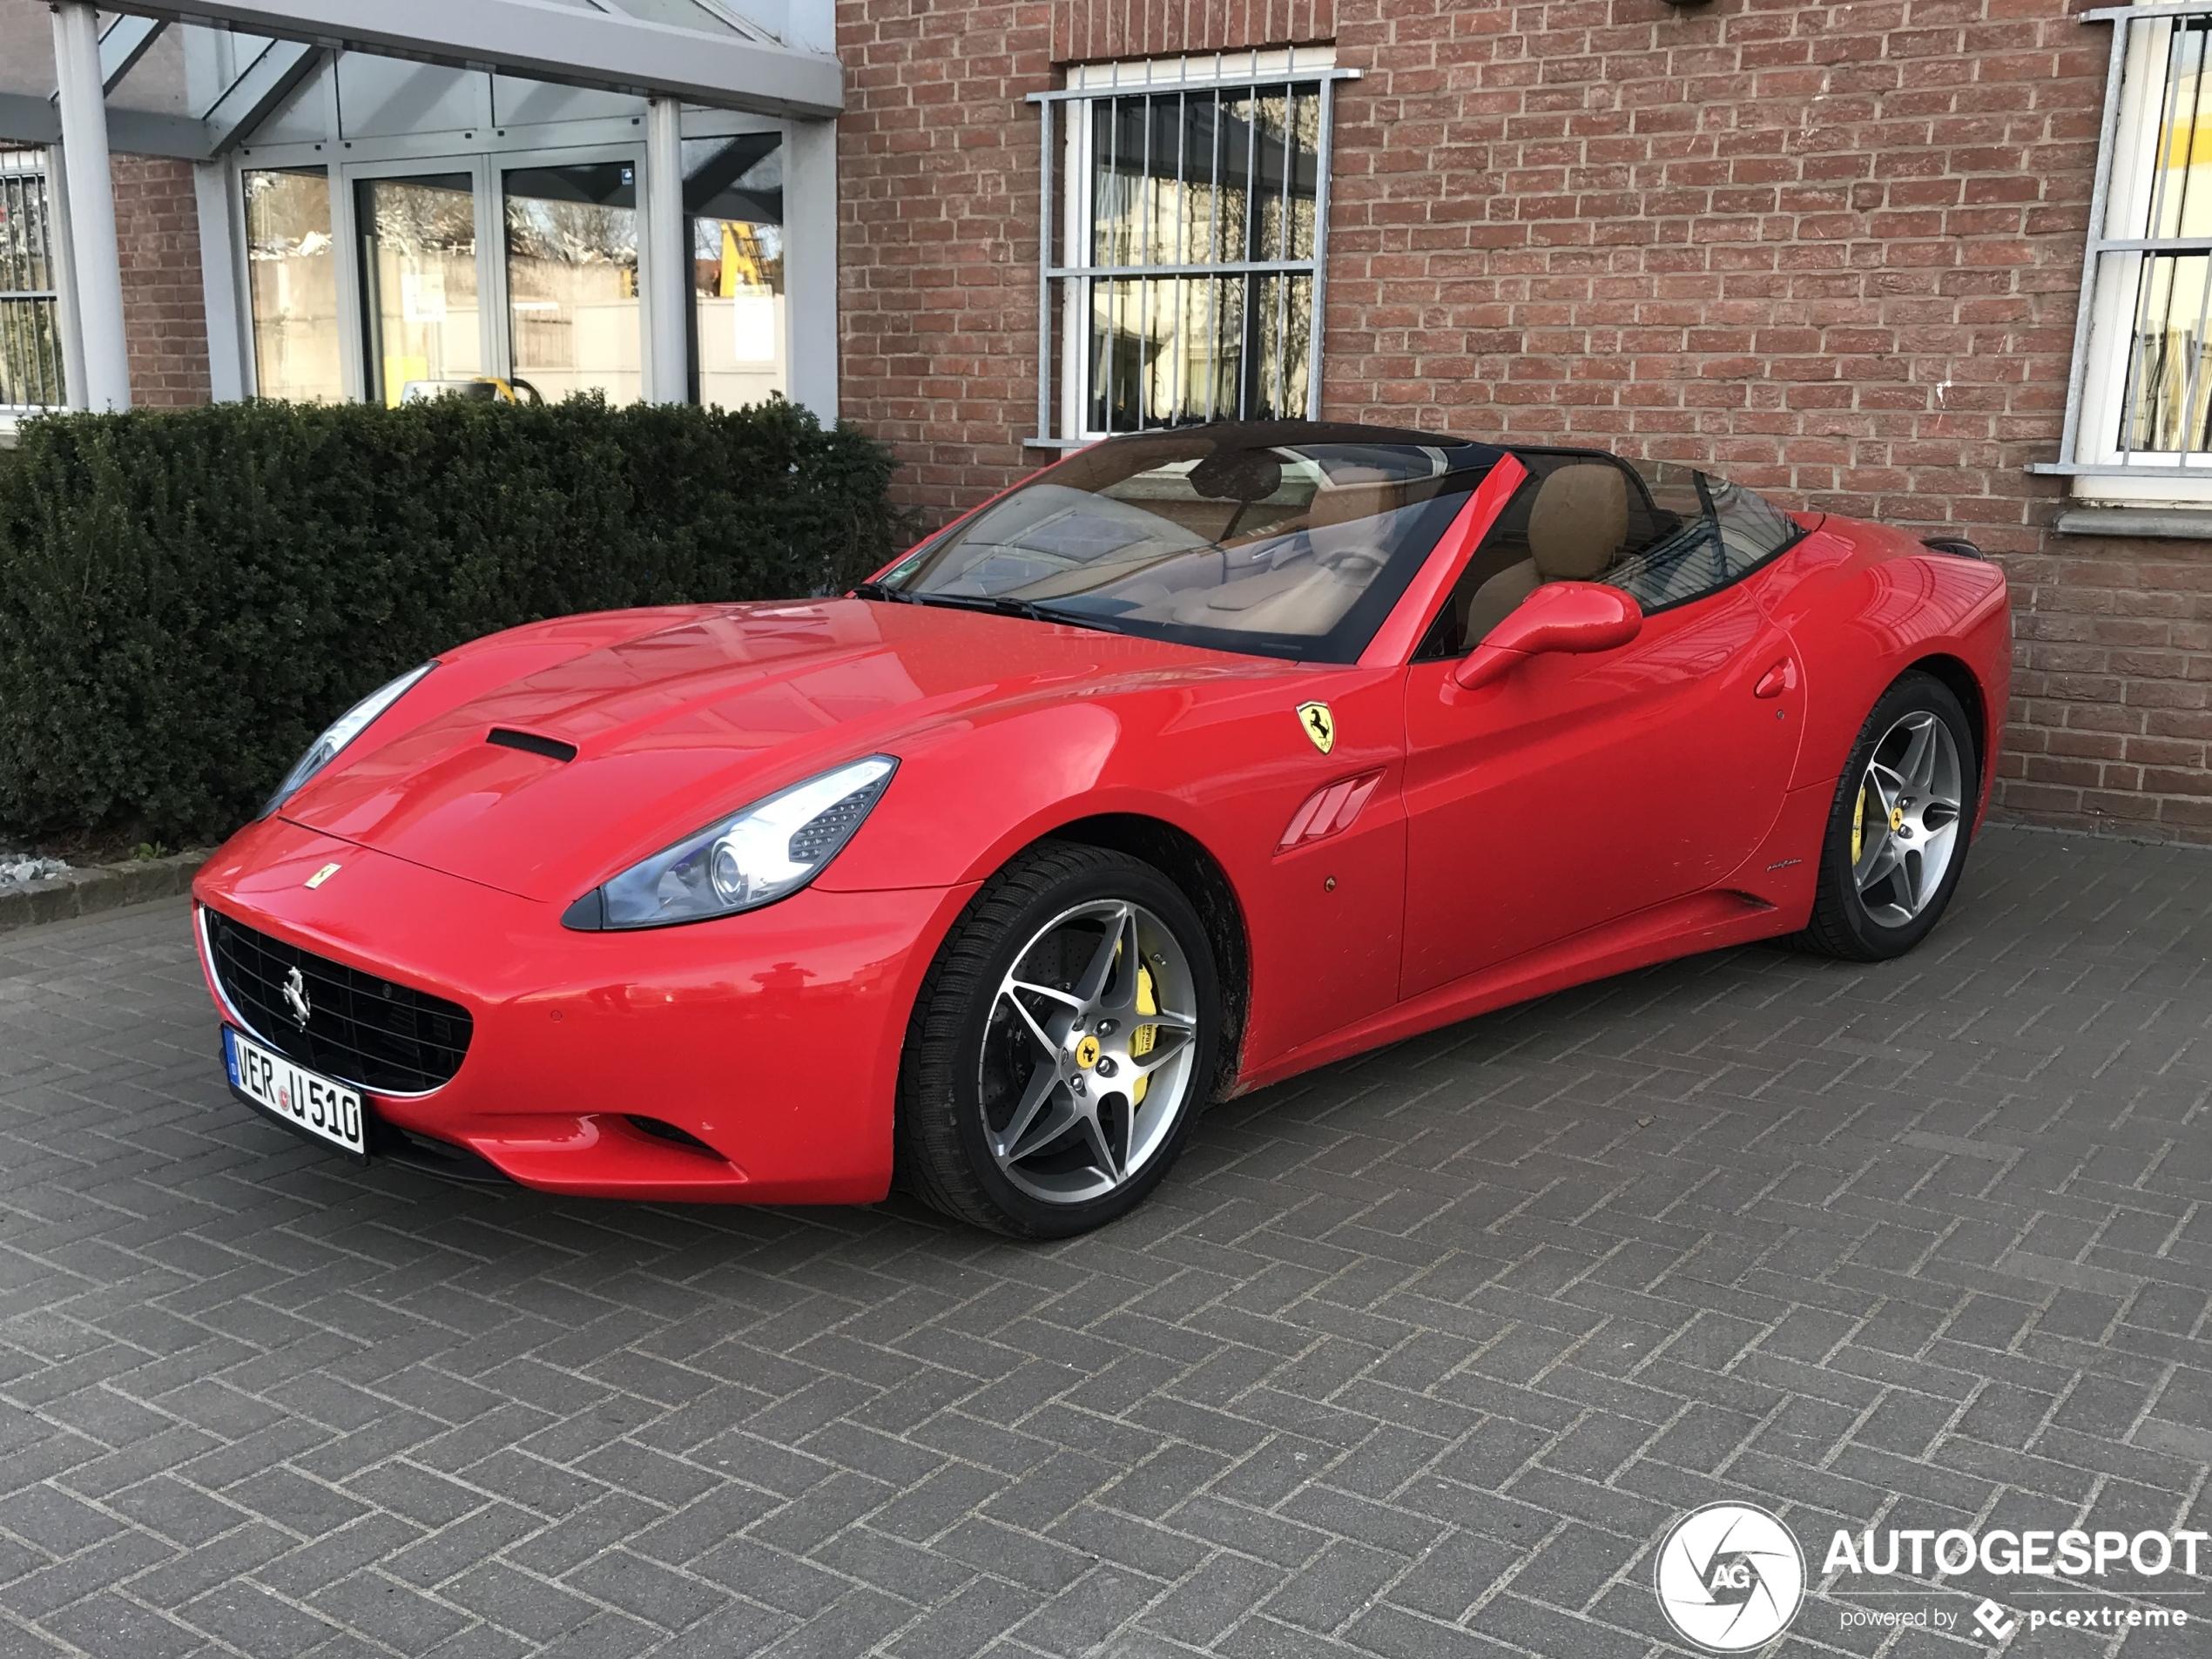 Ferrari California - 10 April 2020 - Autogespot